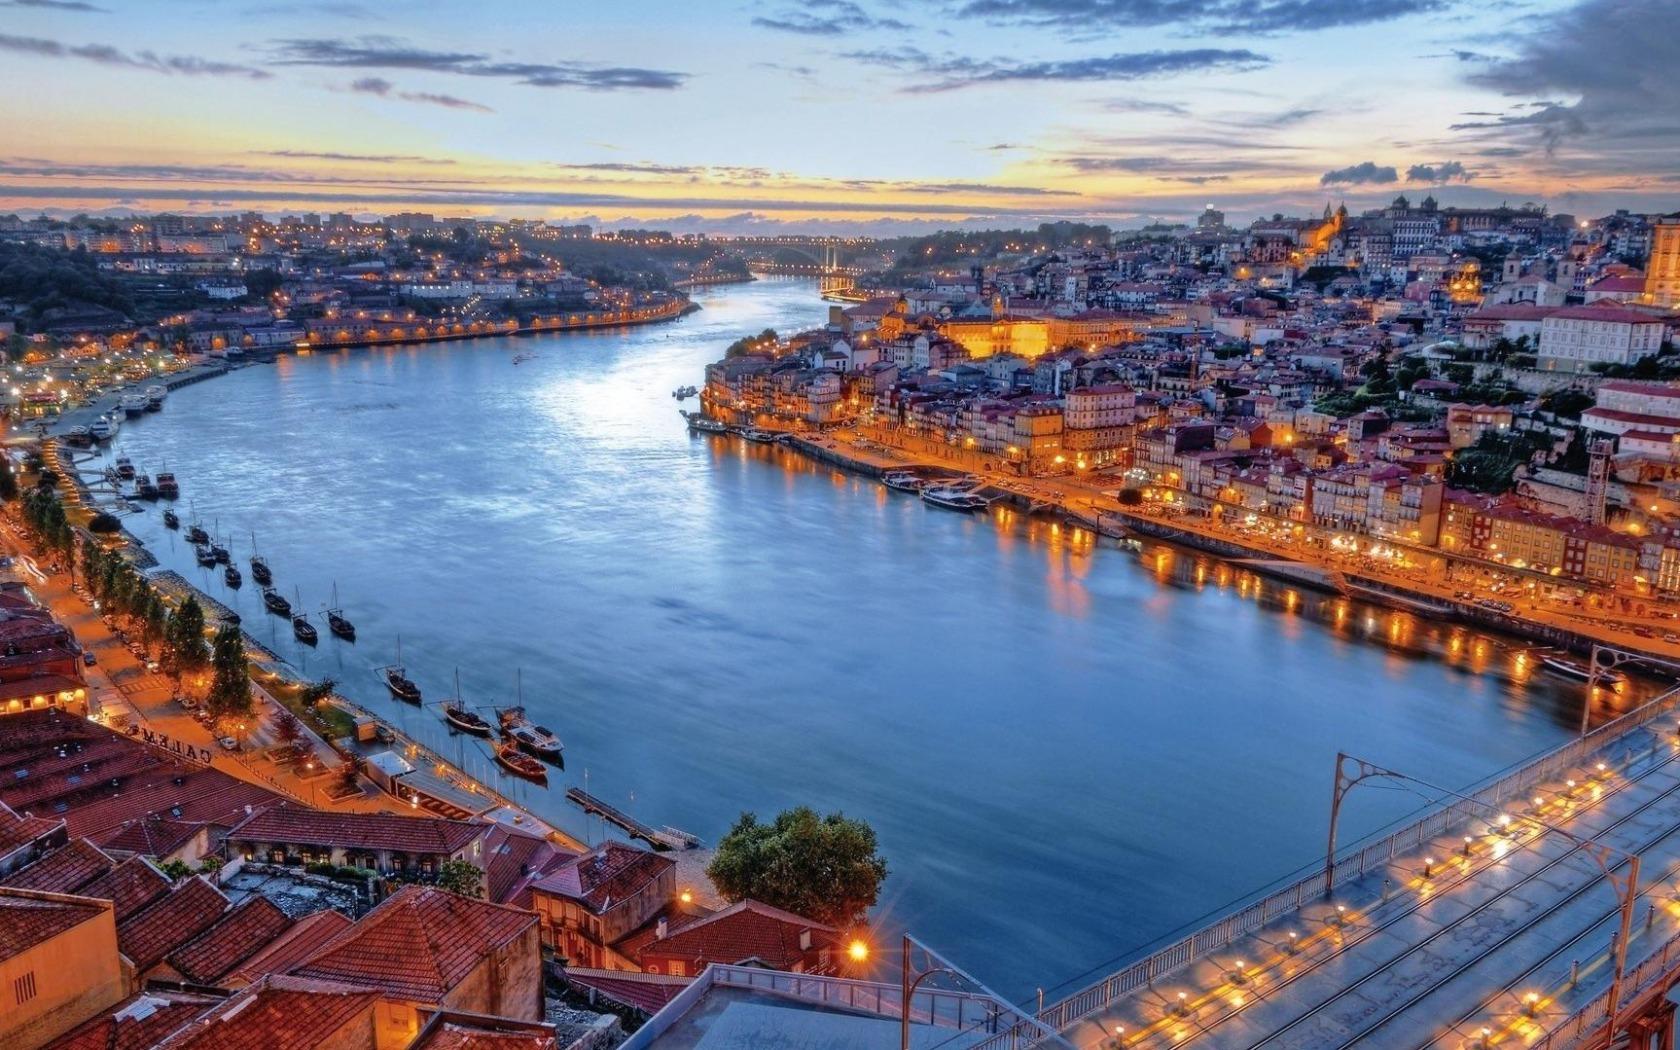 Offerte hotel lisbona giugno 2015 viaggiamo - Canarie a dicembre si fa il bagno ...